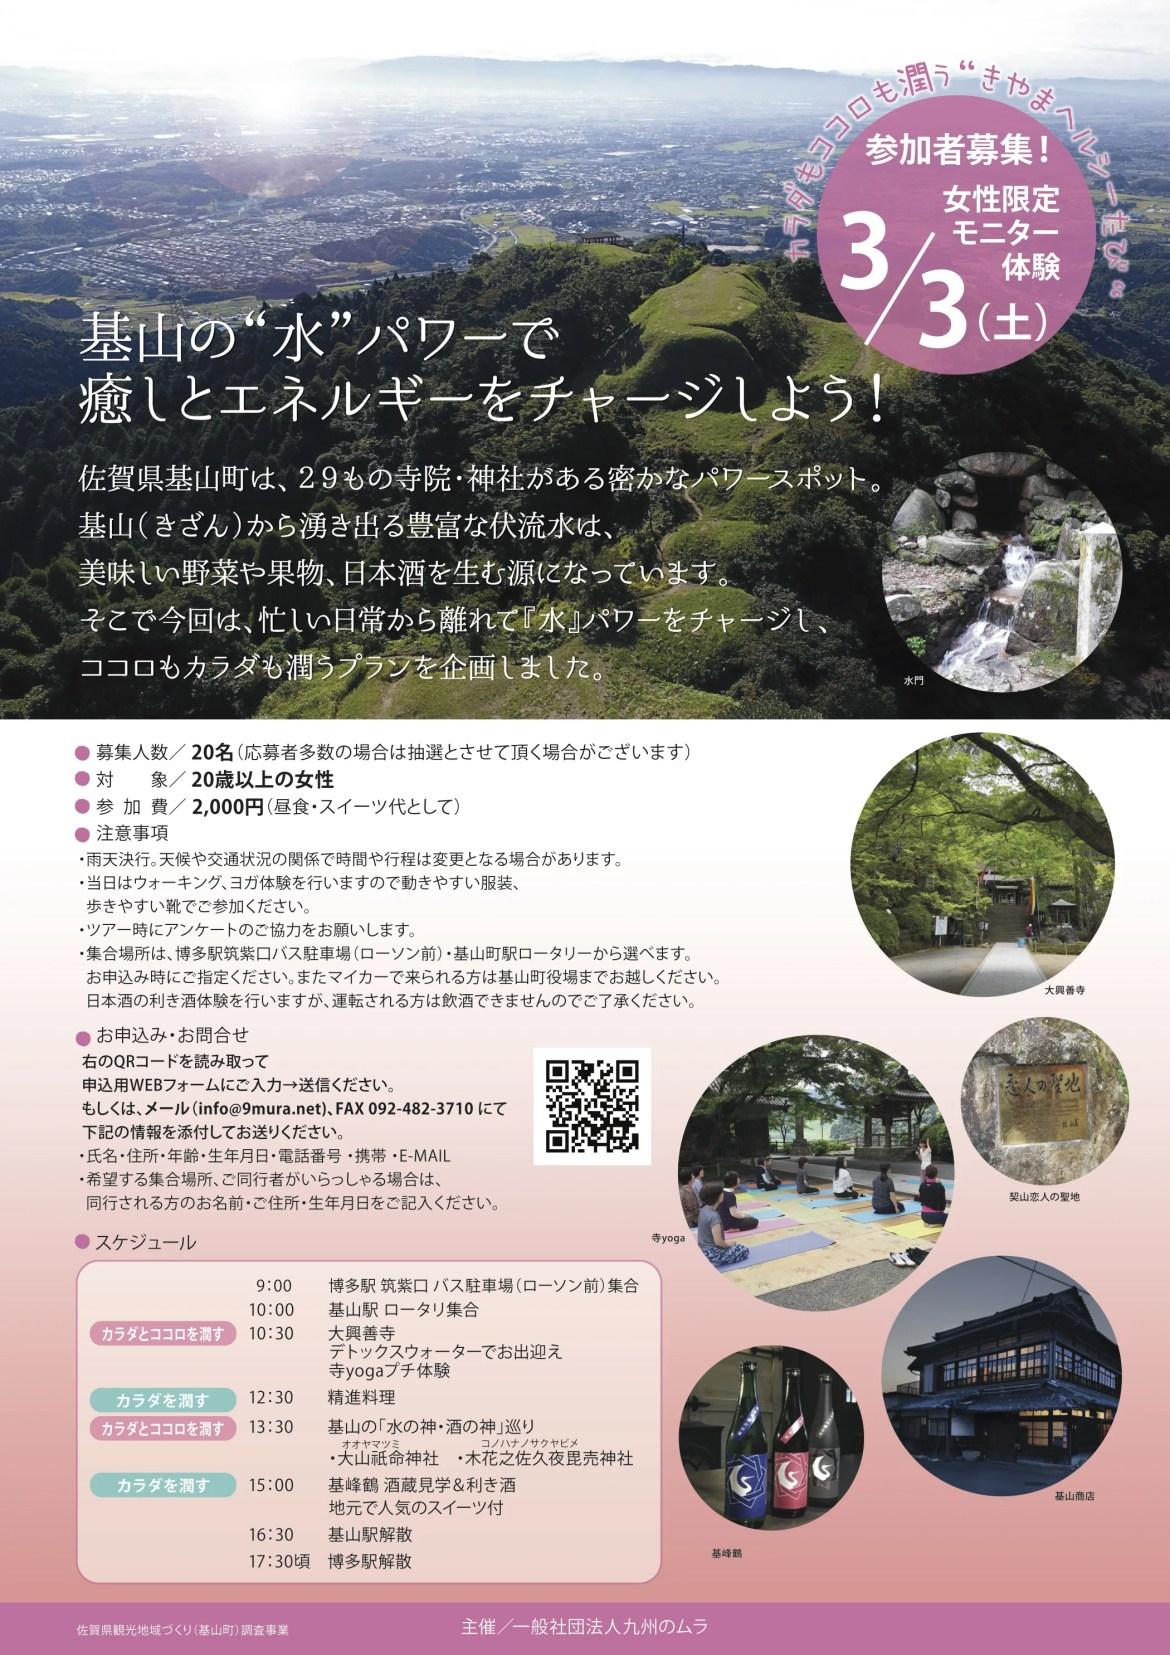 0213_kiyamaTOUR_A4